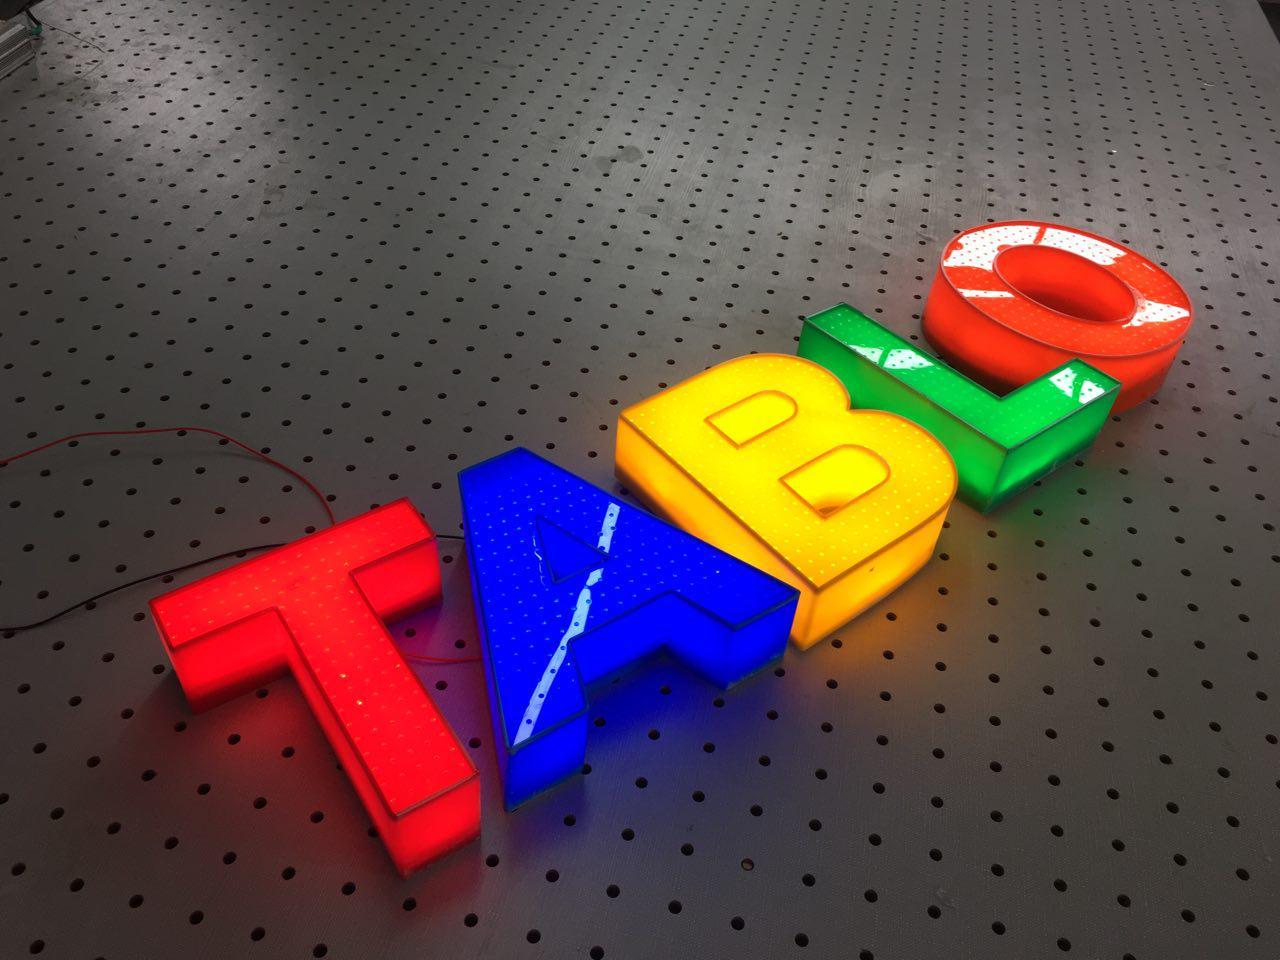 تابلوسازی حروف برجسته پلاستیکی